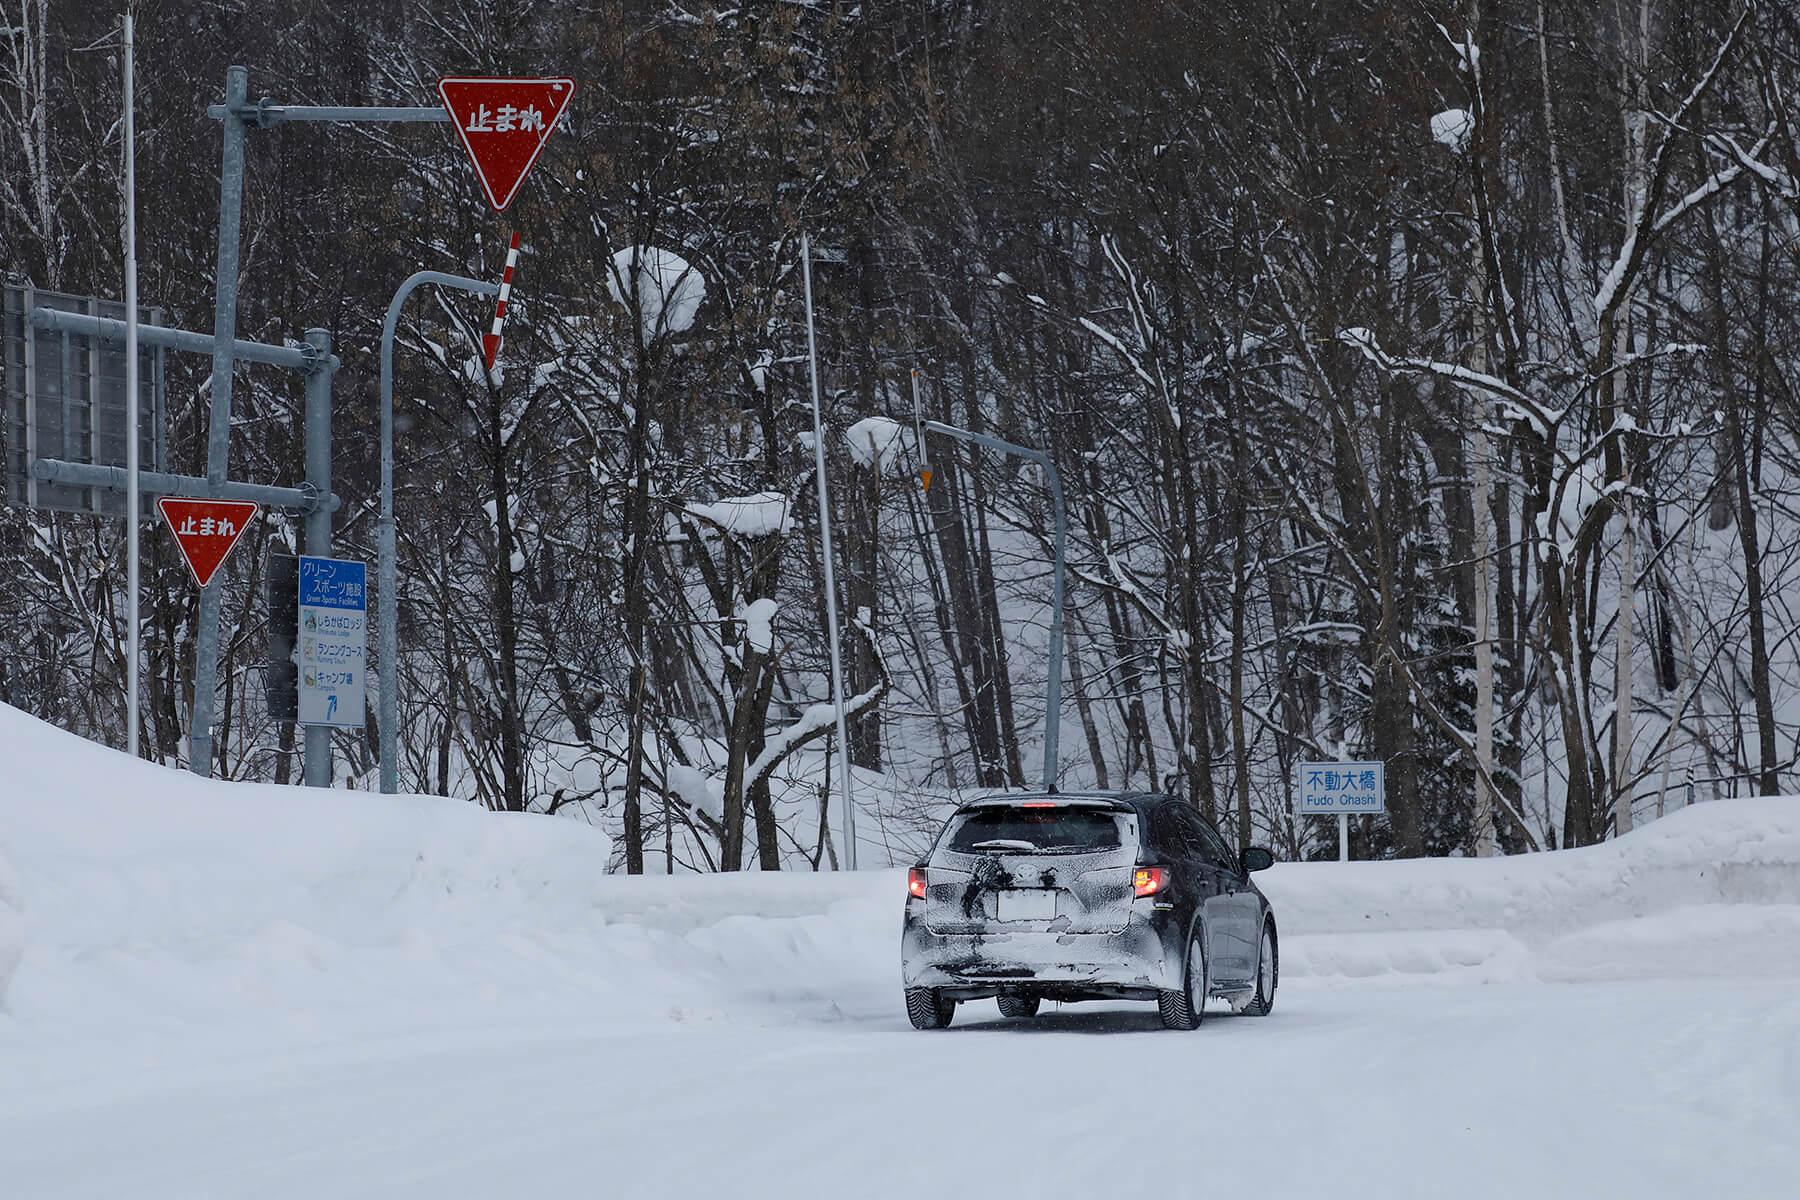 様々な路面状況が混在するリアルワールドでは、その進化が安心感へと繋がる。なお凍結路面での走行は推奨していないので注意が必要だ